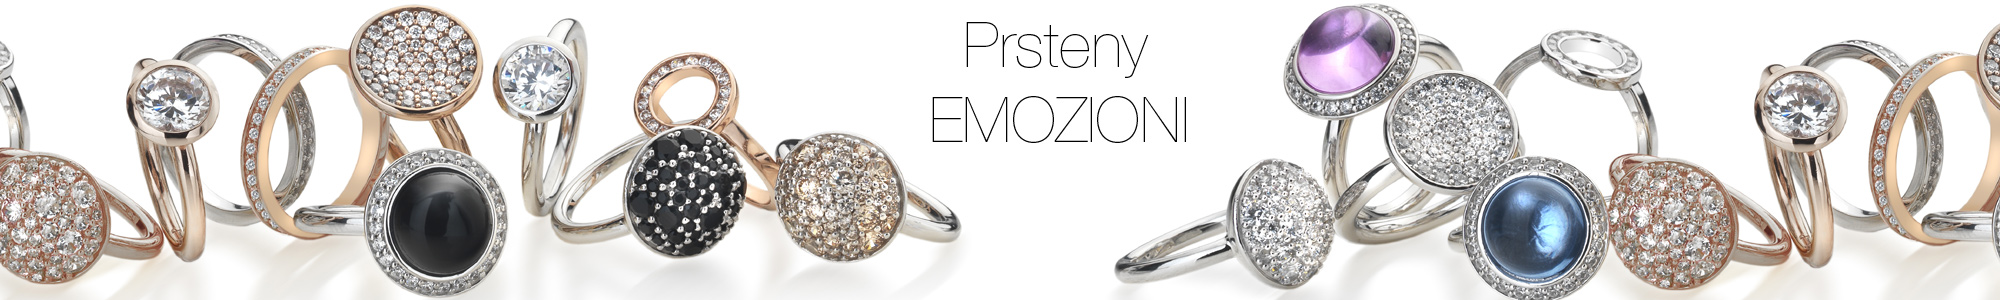 Emozioni prsteny